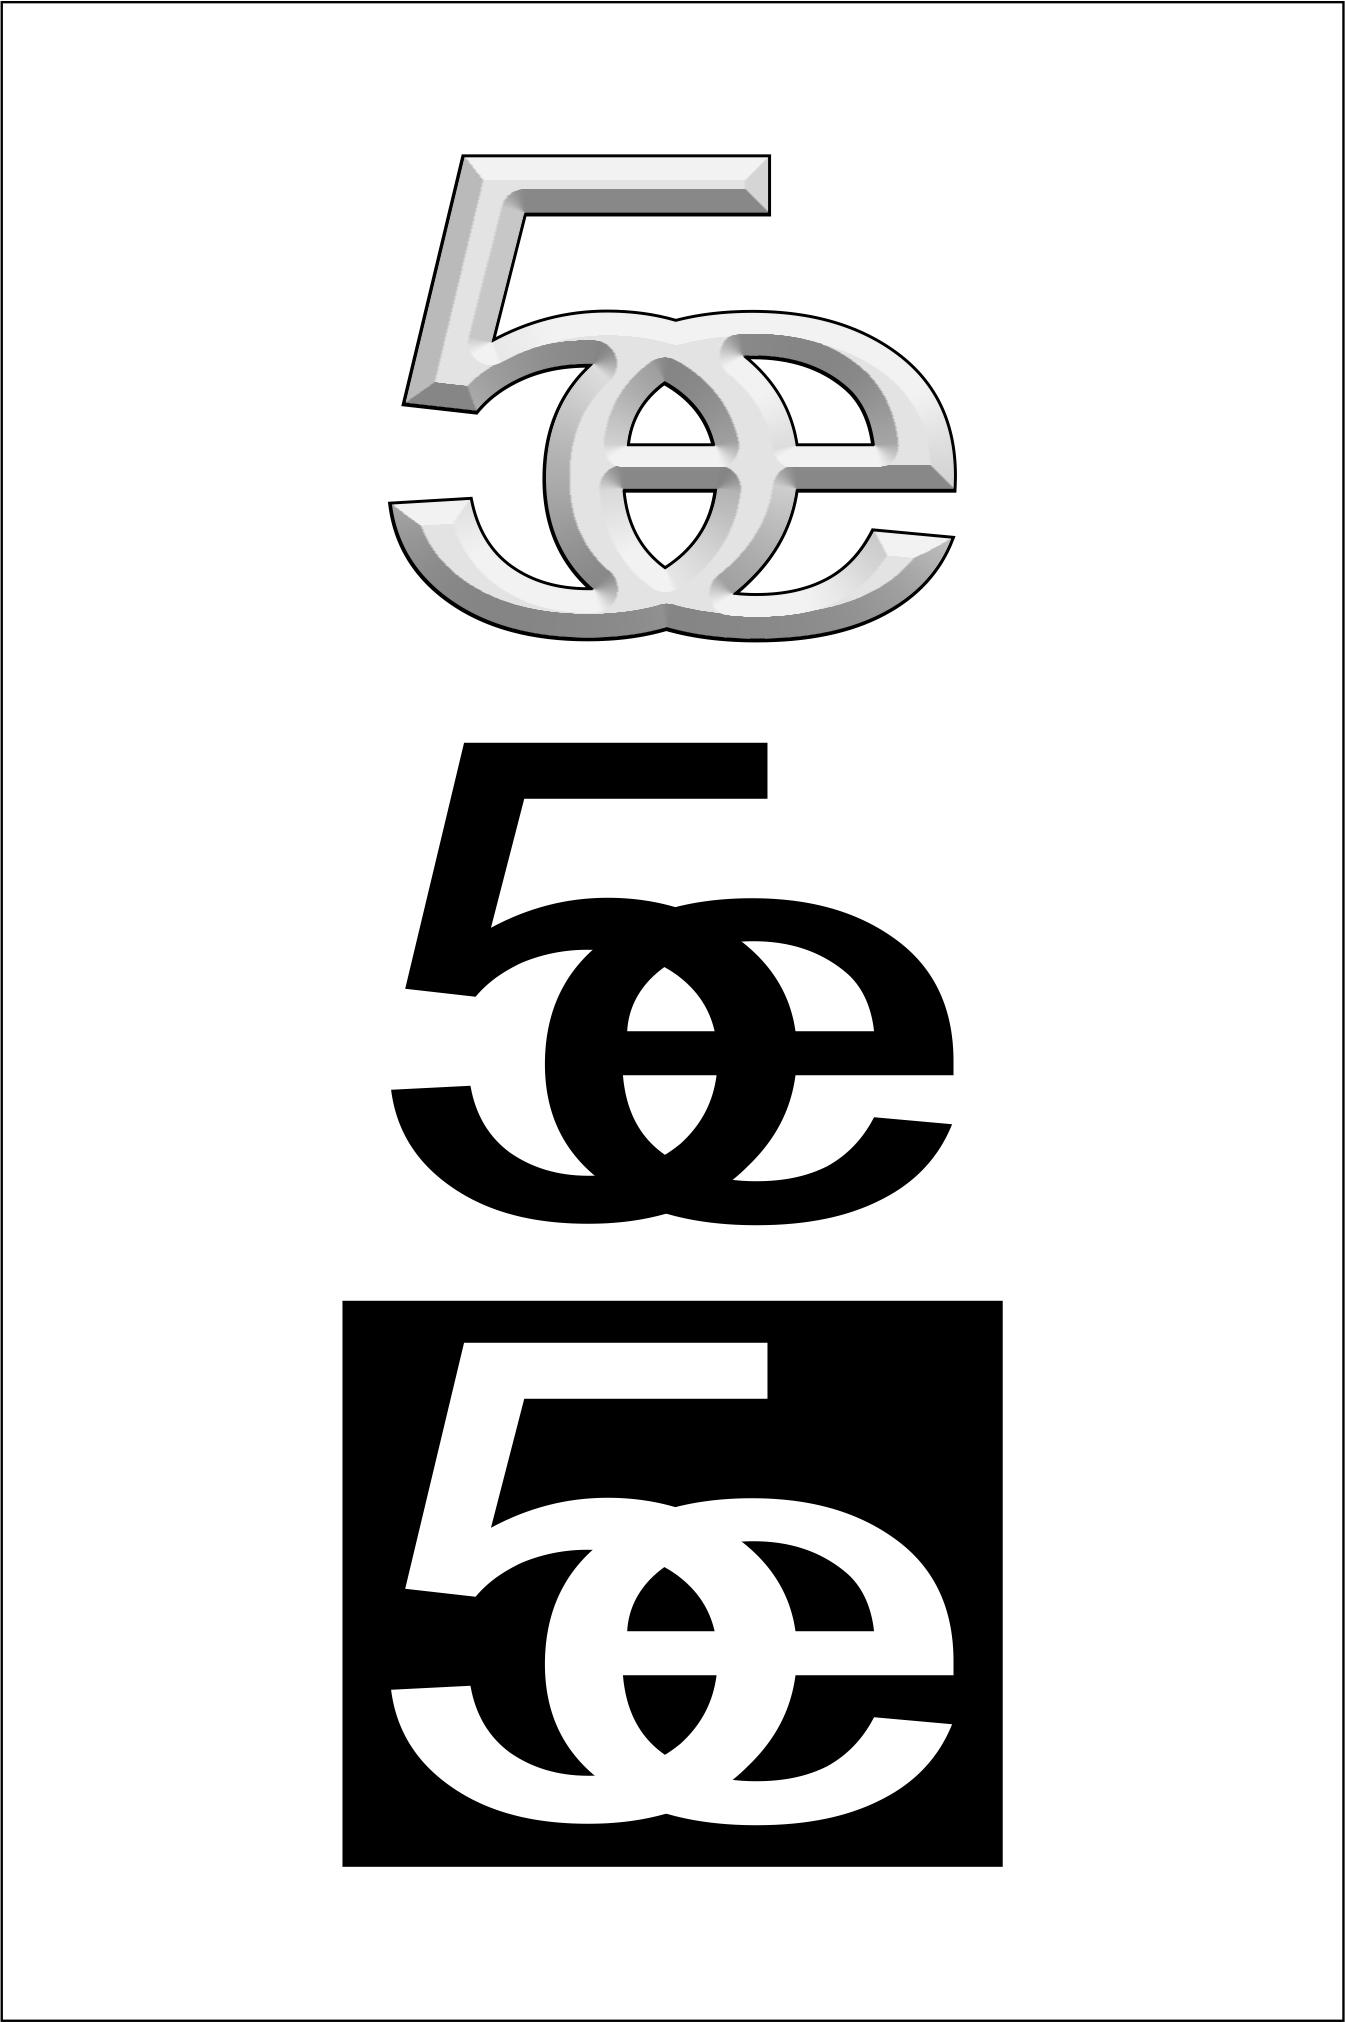 Нарисовать логотип для группы компаний  фото f_5975cdbc18eb60d2.jpg